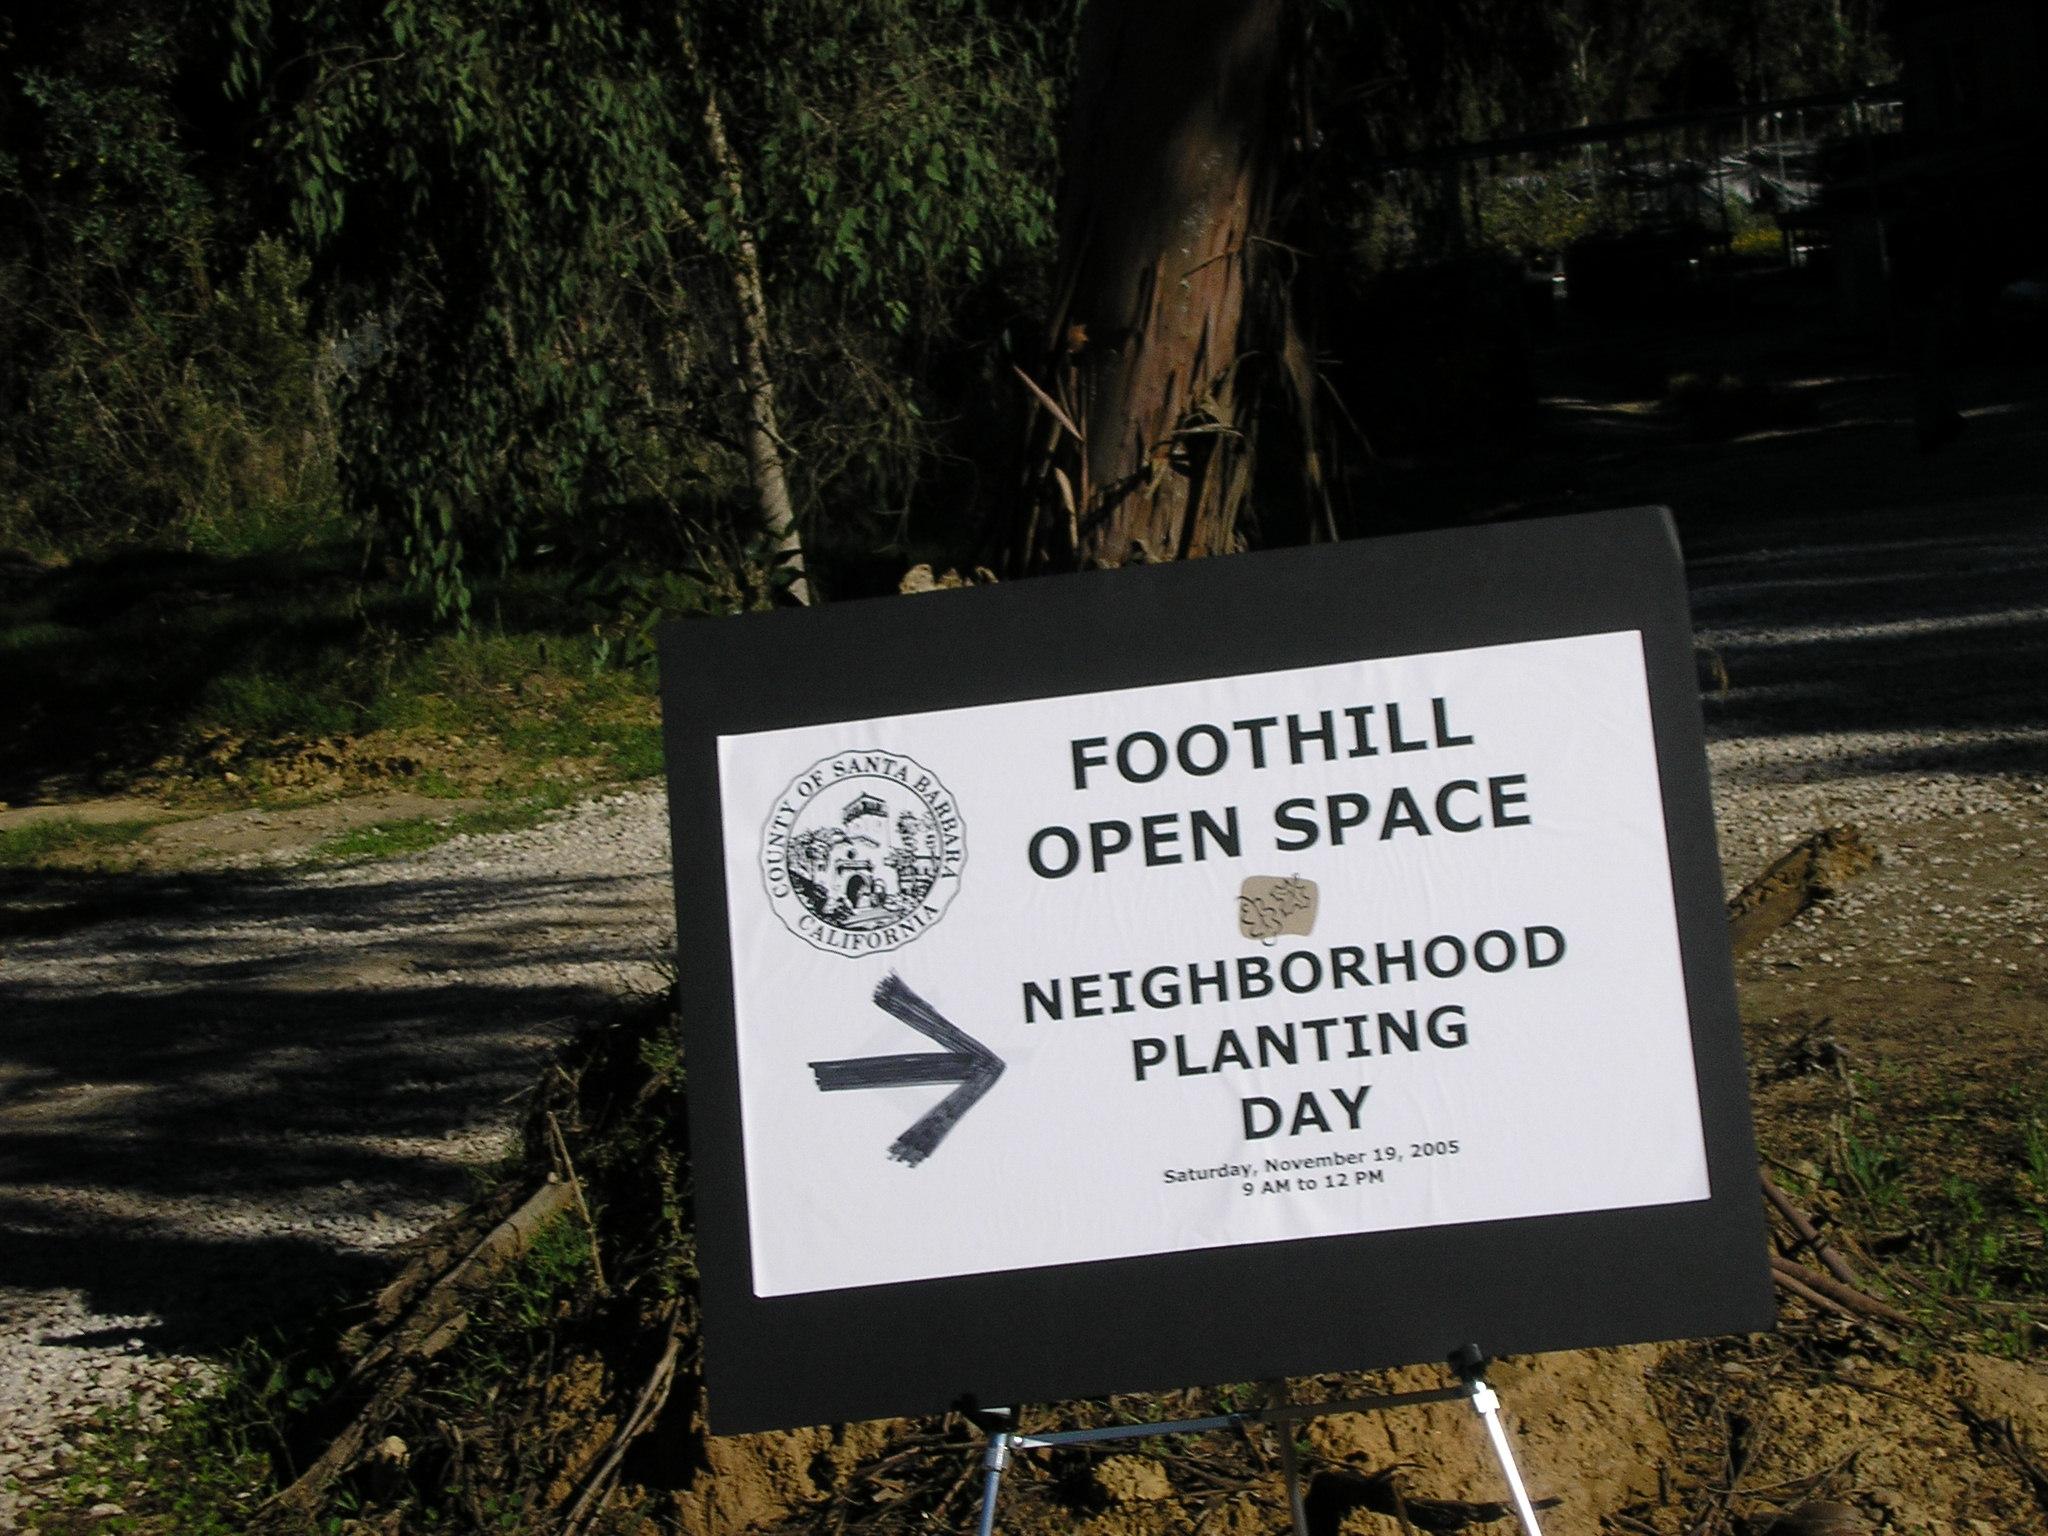 Nov 20th 05 028 workshop sign.jpg